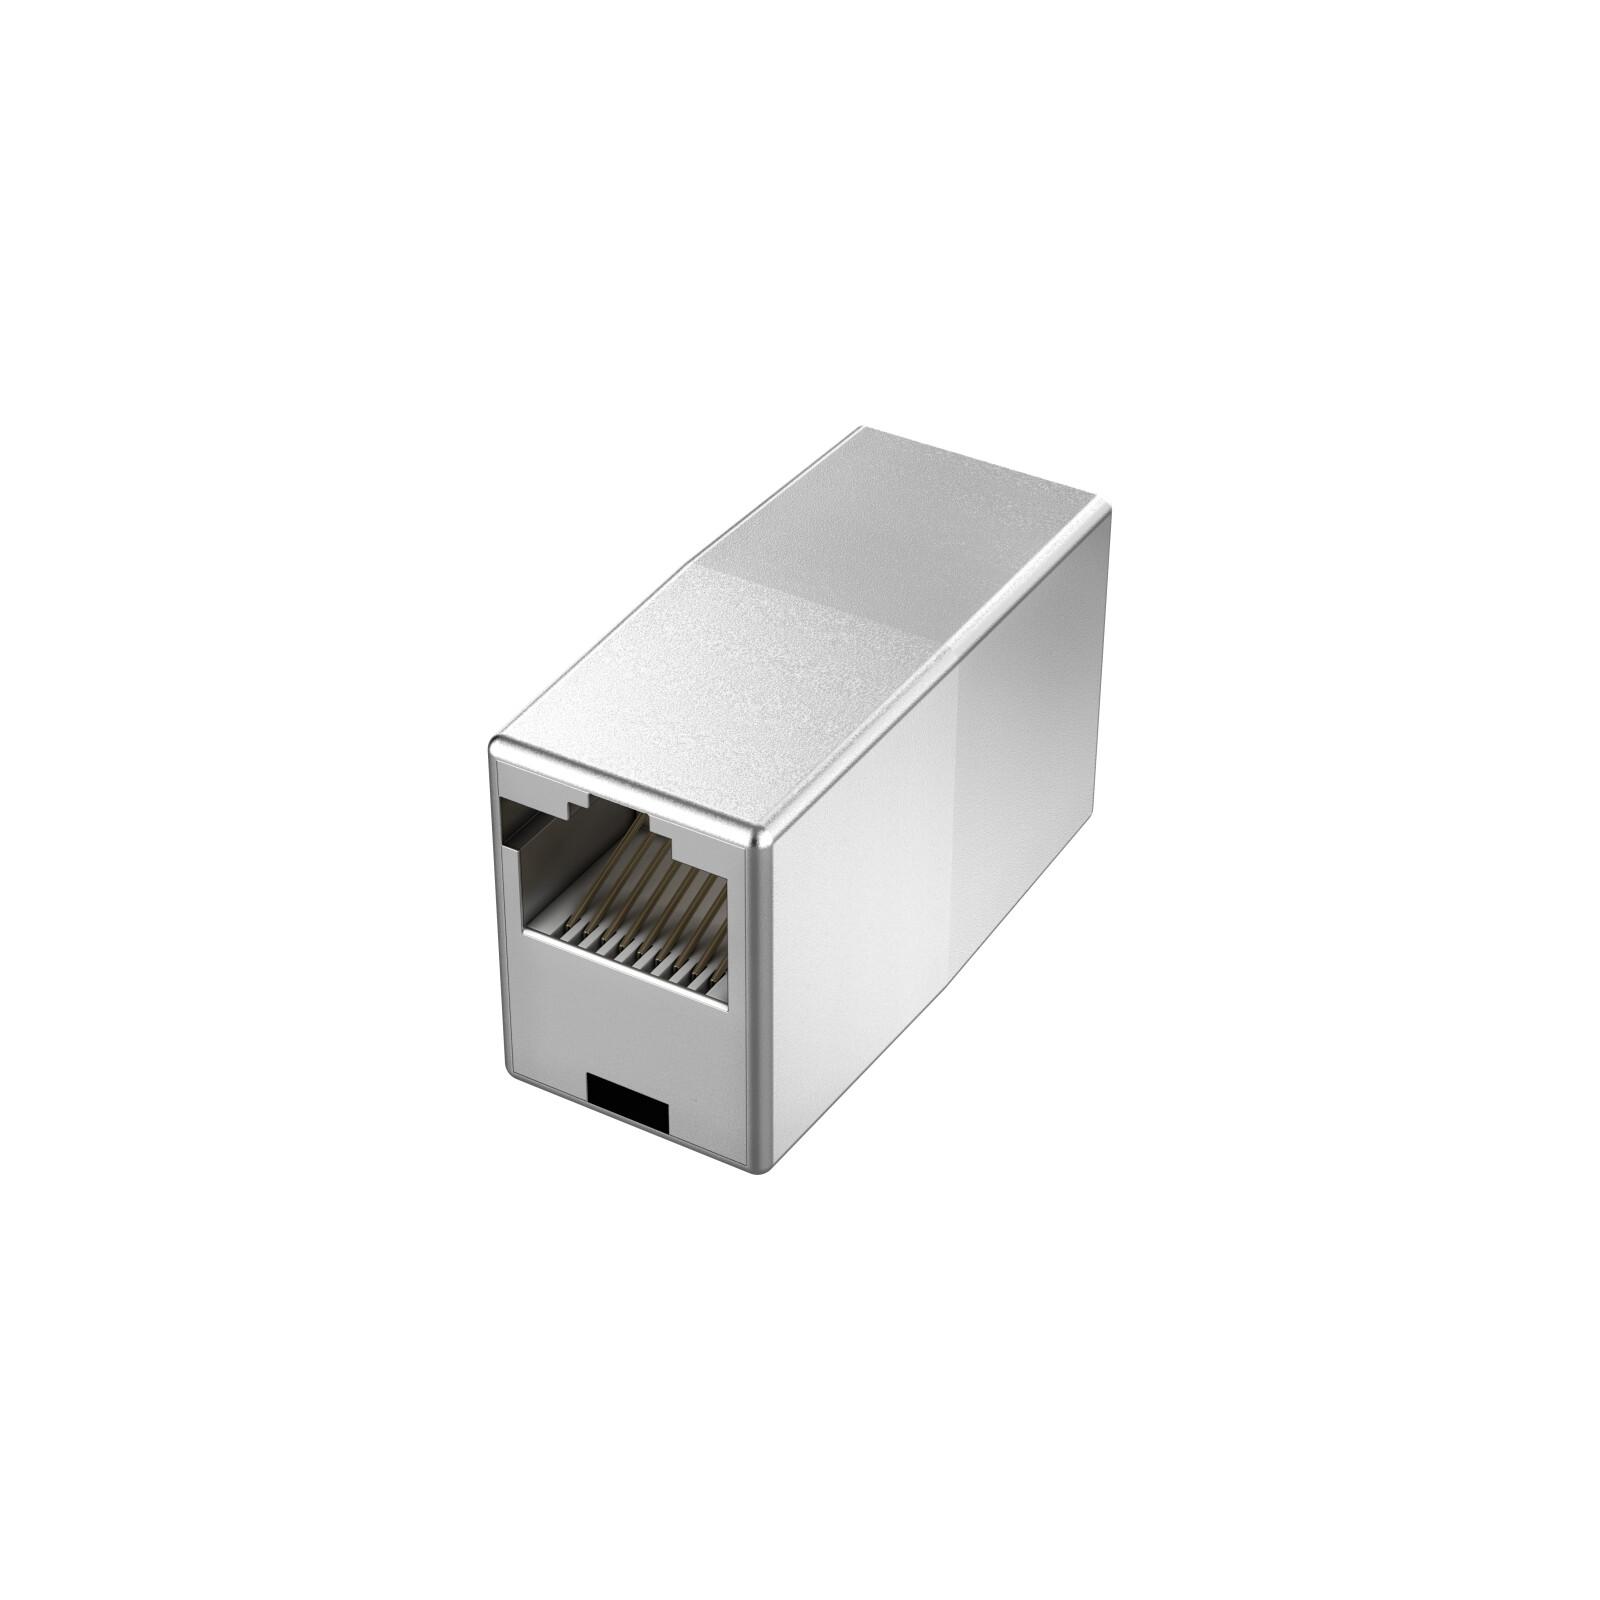 Hama 200326 Netzwerkadapter CAT-5e 1 Gbit/s